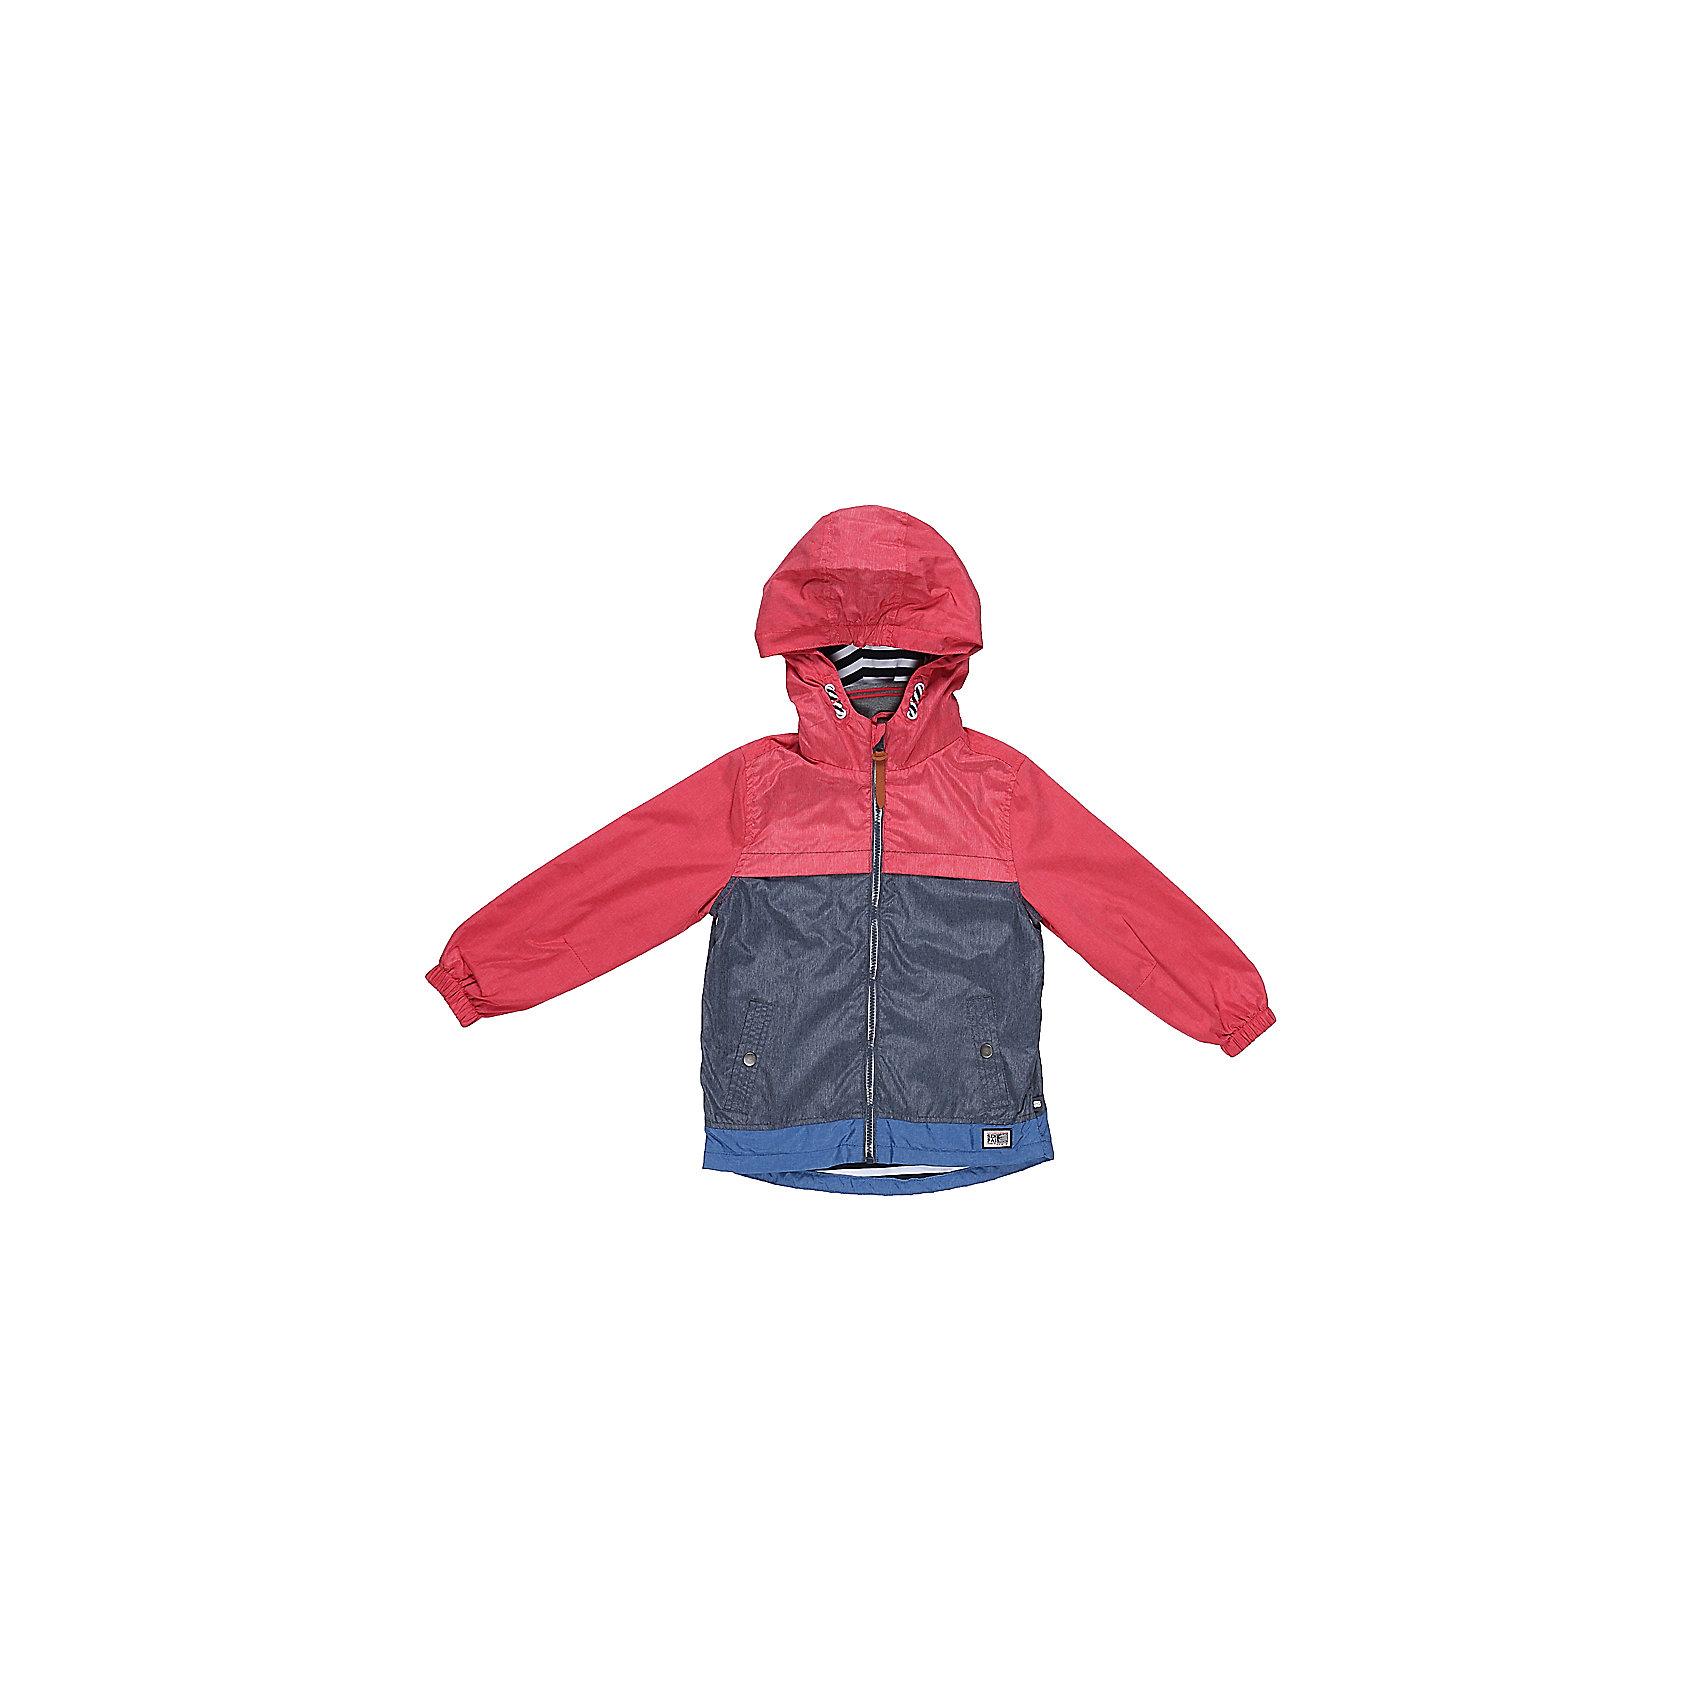 Ветровка для мальчика Sweet BerryВерхняя одежда<br>Стильная, ветровка оригинально сочетает в себе три цвета. С хлопковой подкладкой. Модель с двумя удобными карманами. Капюшон с дополнительной утяжкой. Рукава собраны на мягкую резинку. Комфортная температура эксплуатации от +10 С и выше.<br>Состав:<br>Верх: 75%нейлон, 25%полиэстер.  Подкладка: 100%хлопок.<br><br>Ширина мм: 356<br>Глубина мм: 10<br>Высота мм: 245<br>Вес г: 519<br>Цвет: красный<br>Возраст от месяцев: 36<br>Возраст до месяцев: 48<br>Пол: Мужской<br>Возраст: Детский<br>Размер: 104,98,110,116,122,128<br>SKU: 5410602